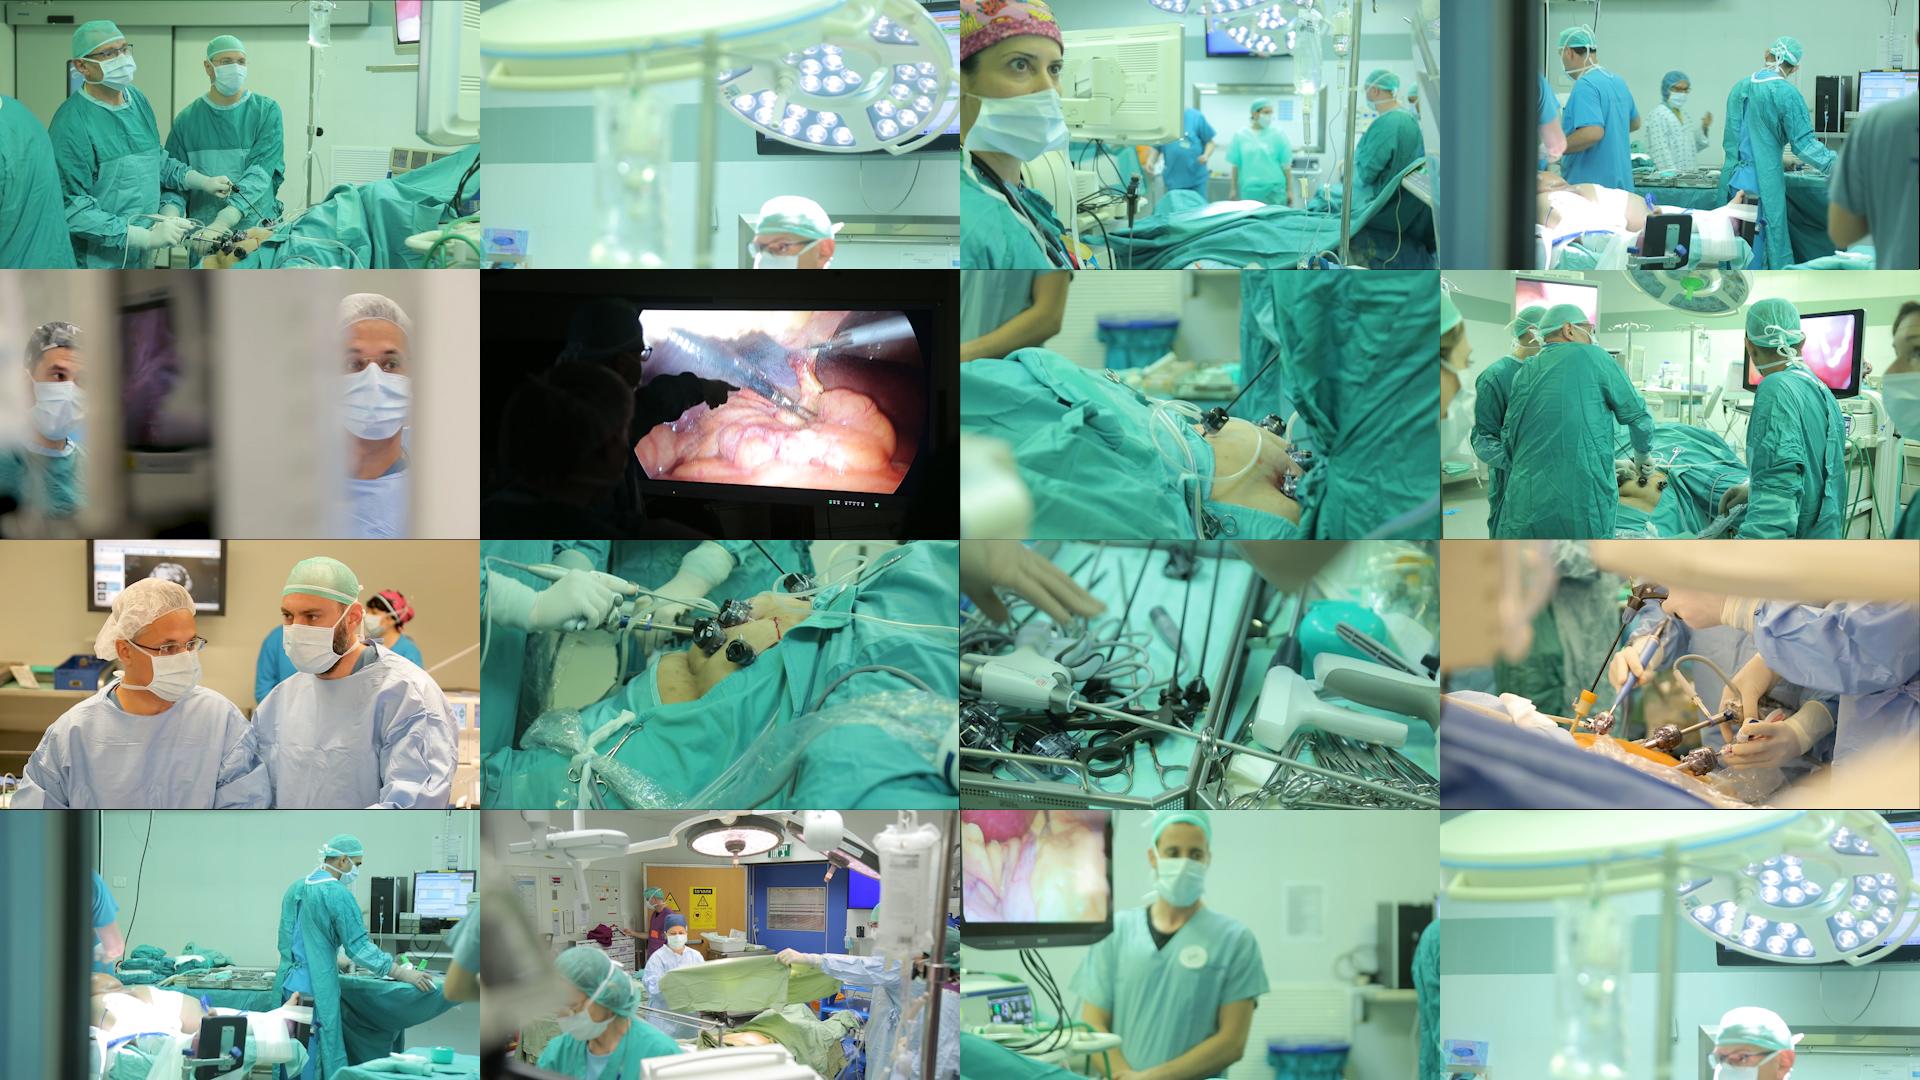 בית החולים אסף הרופא.00_00_08_08